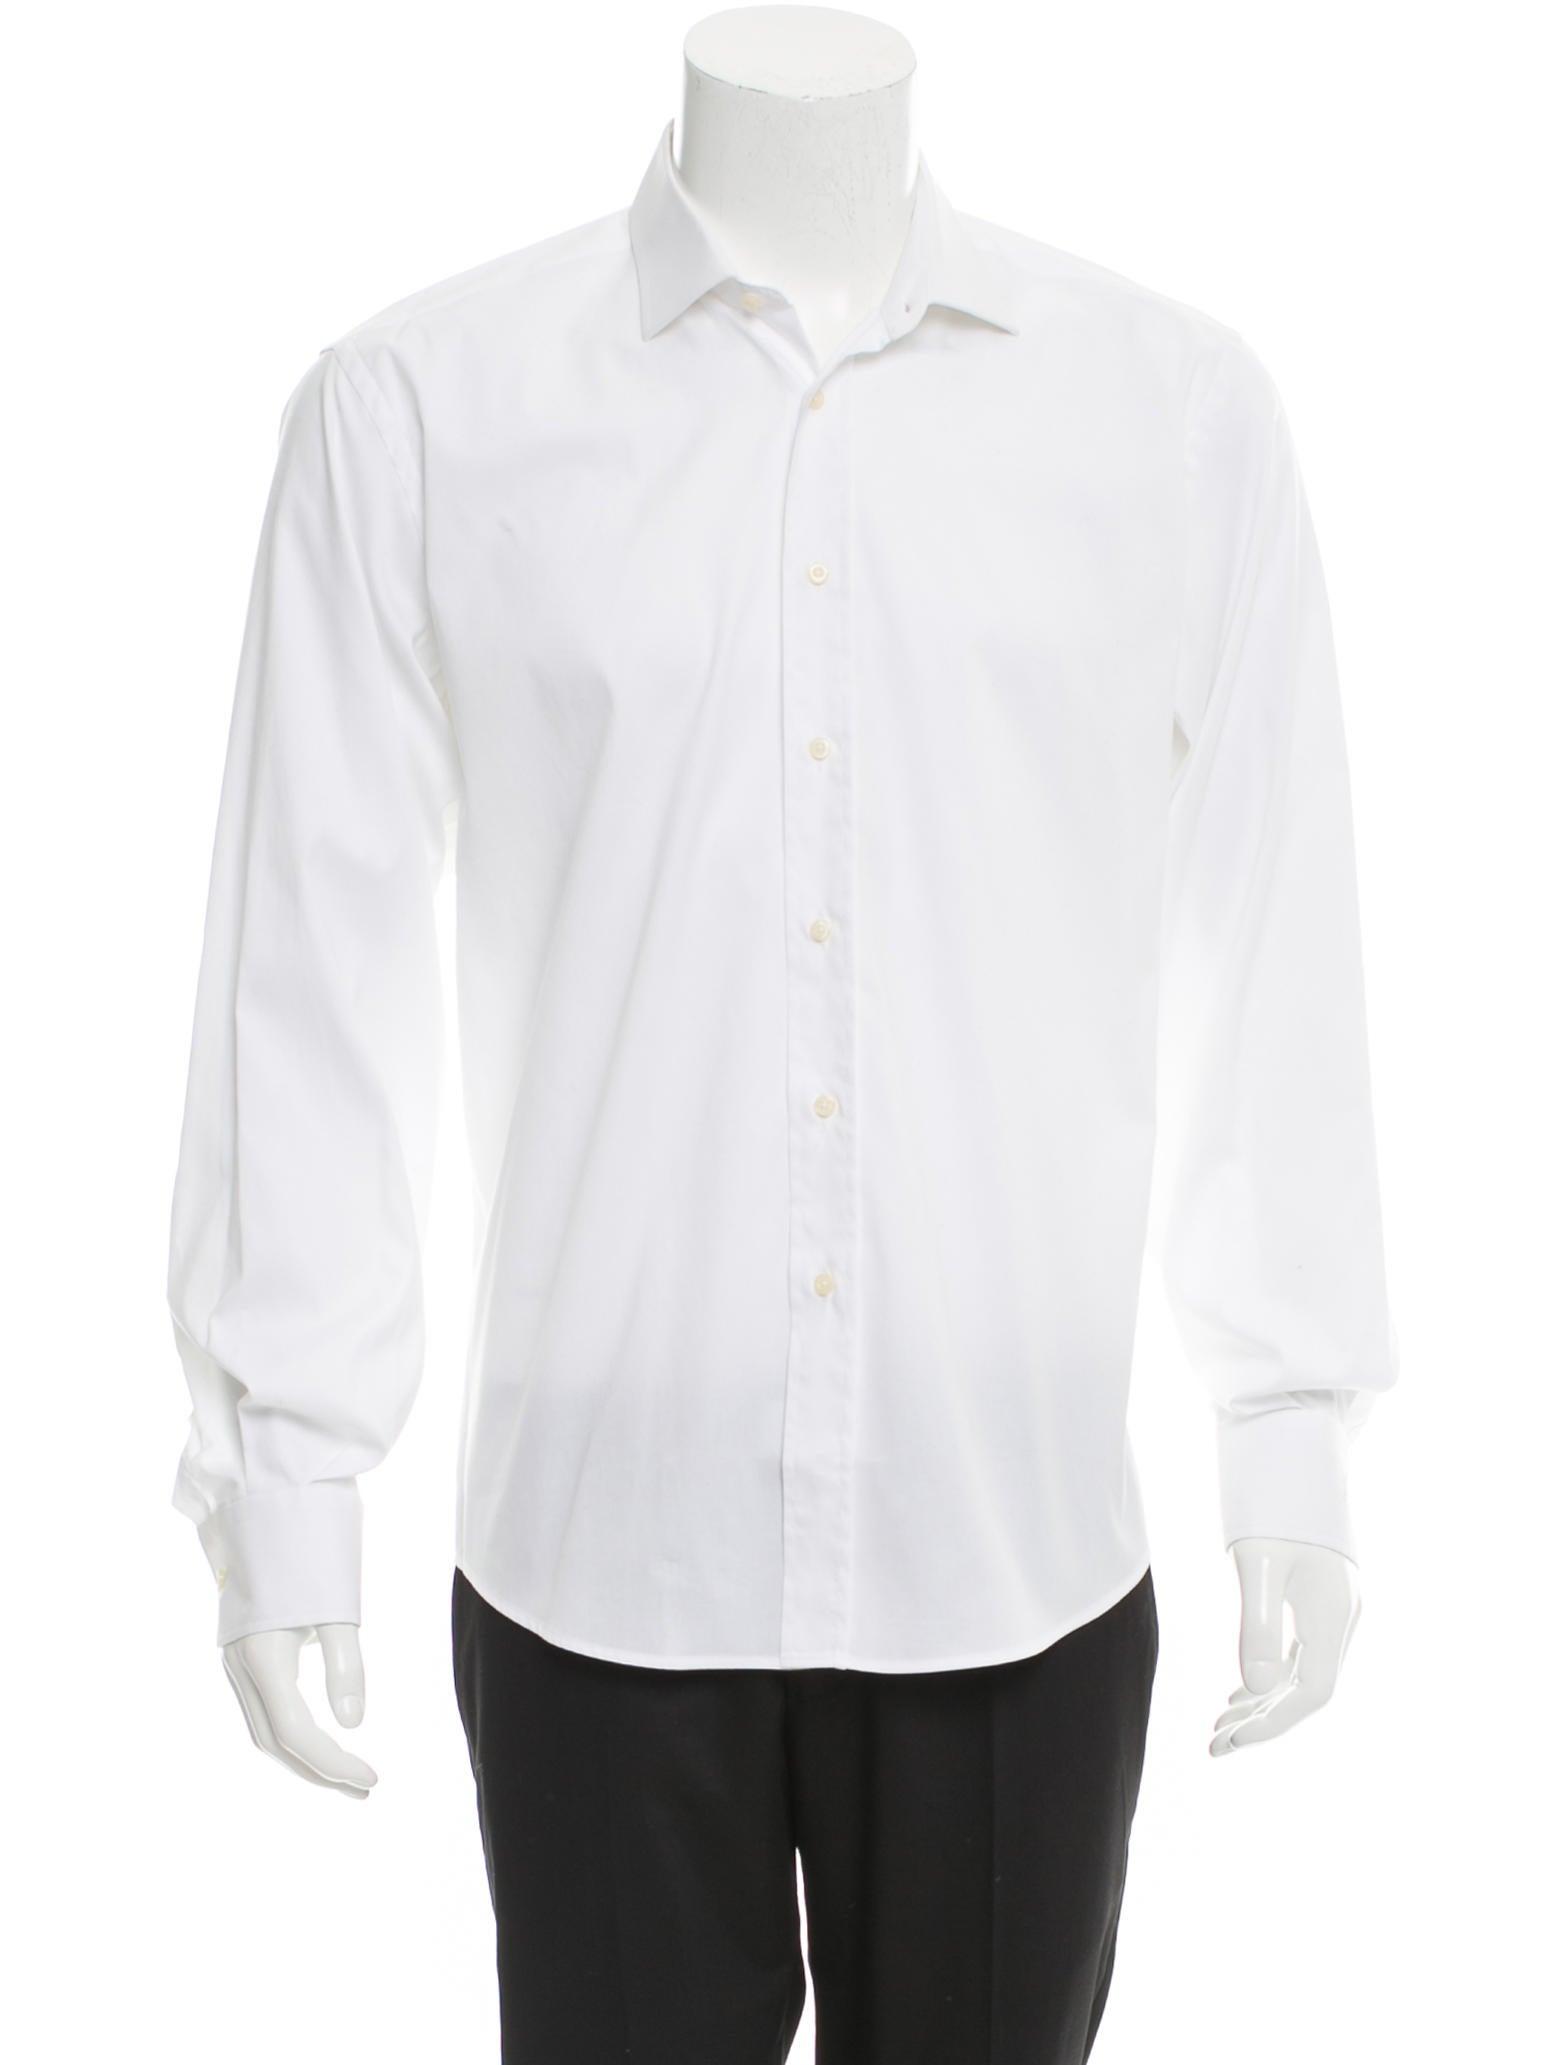 Yves saint laurent woven button up shirt clothing for Yves saint laurent white t shirt